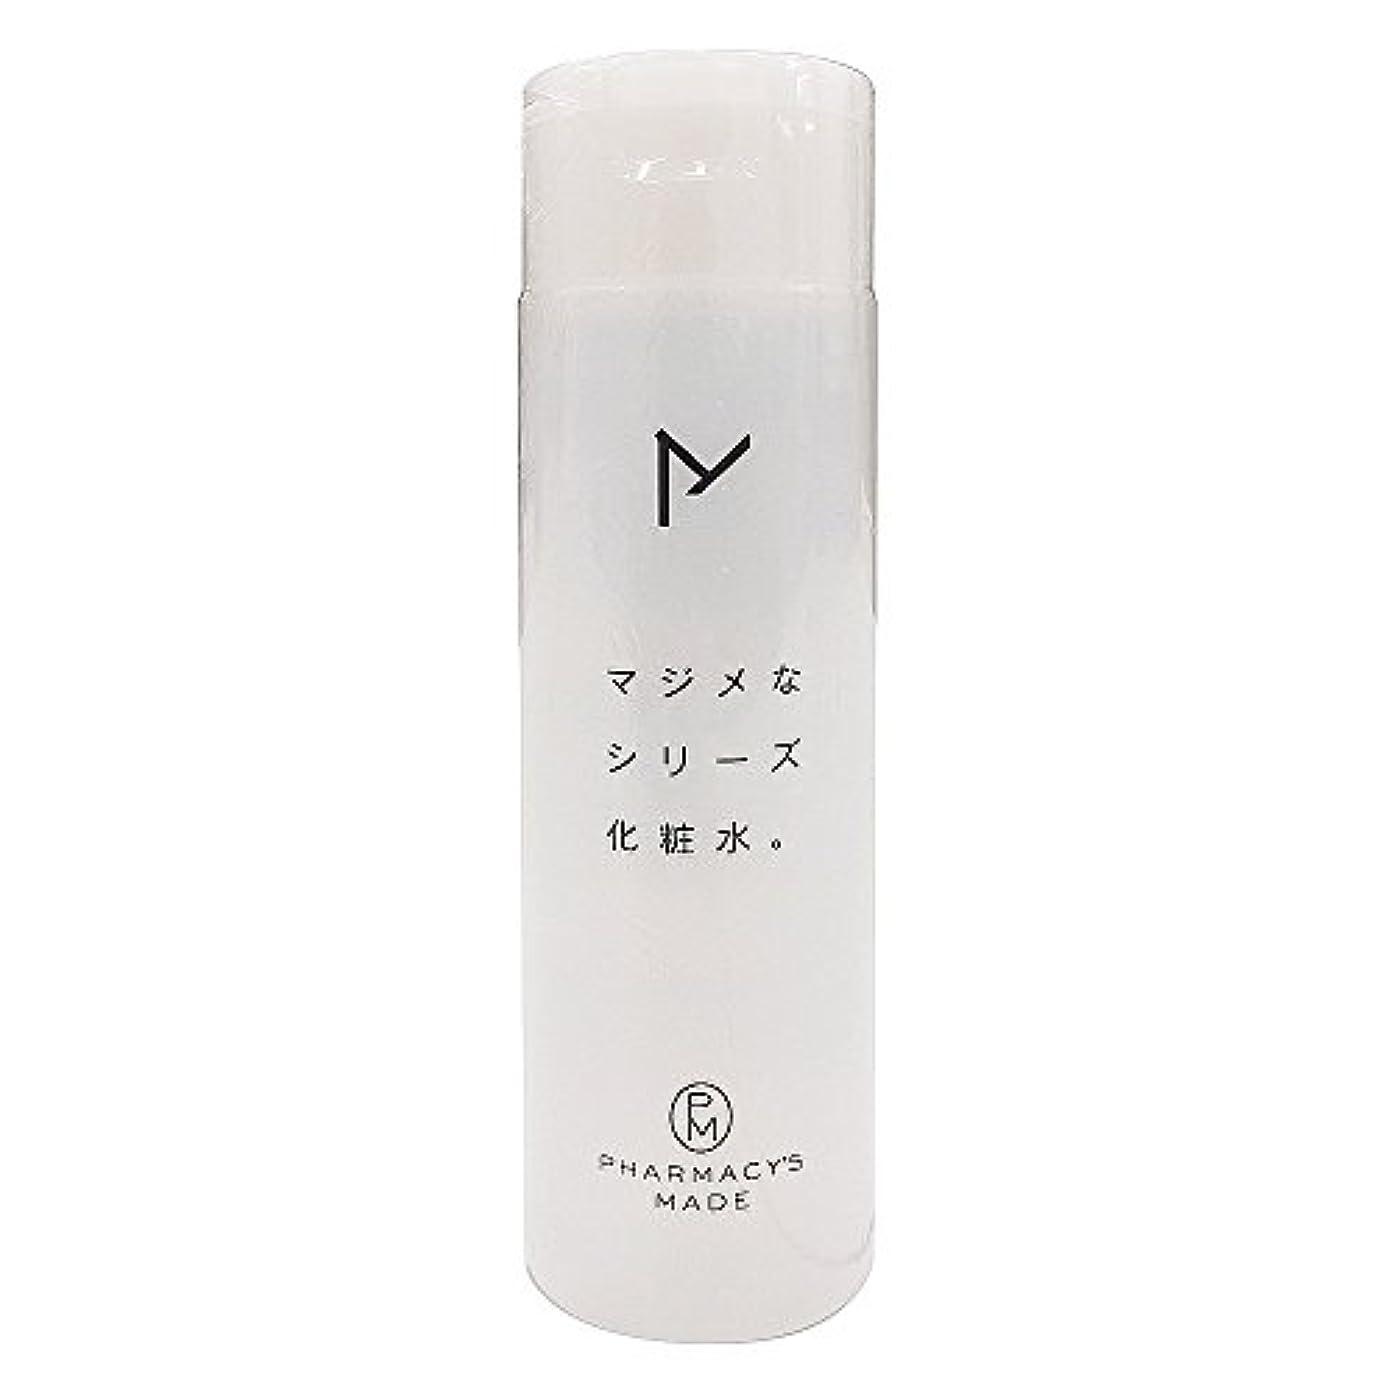 アサートアルミニウム奪う水橋保寿堂製薬 マジメなシリーズ化粧水。 200ml